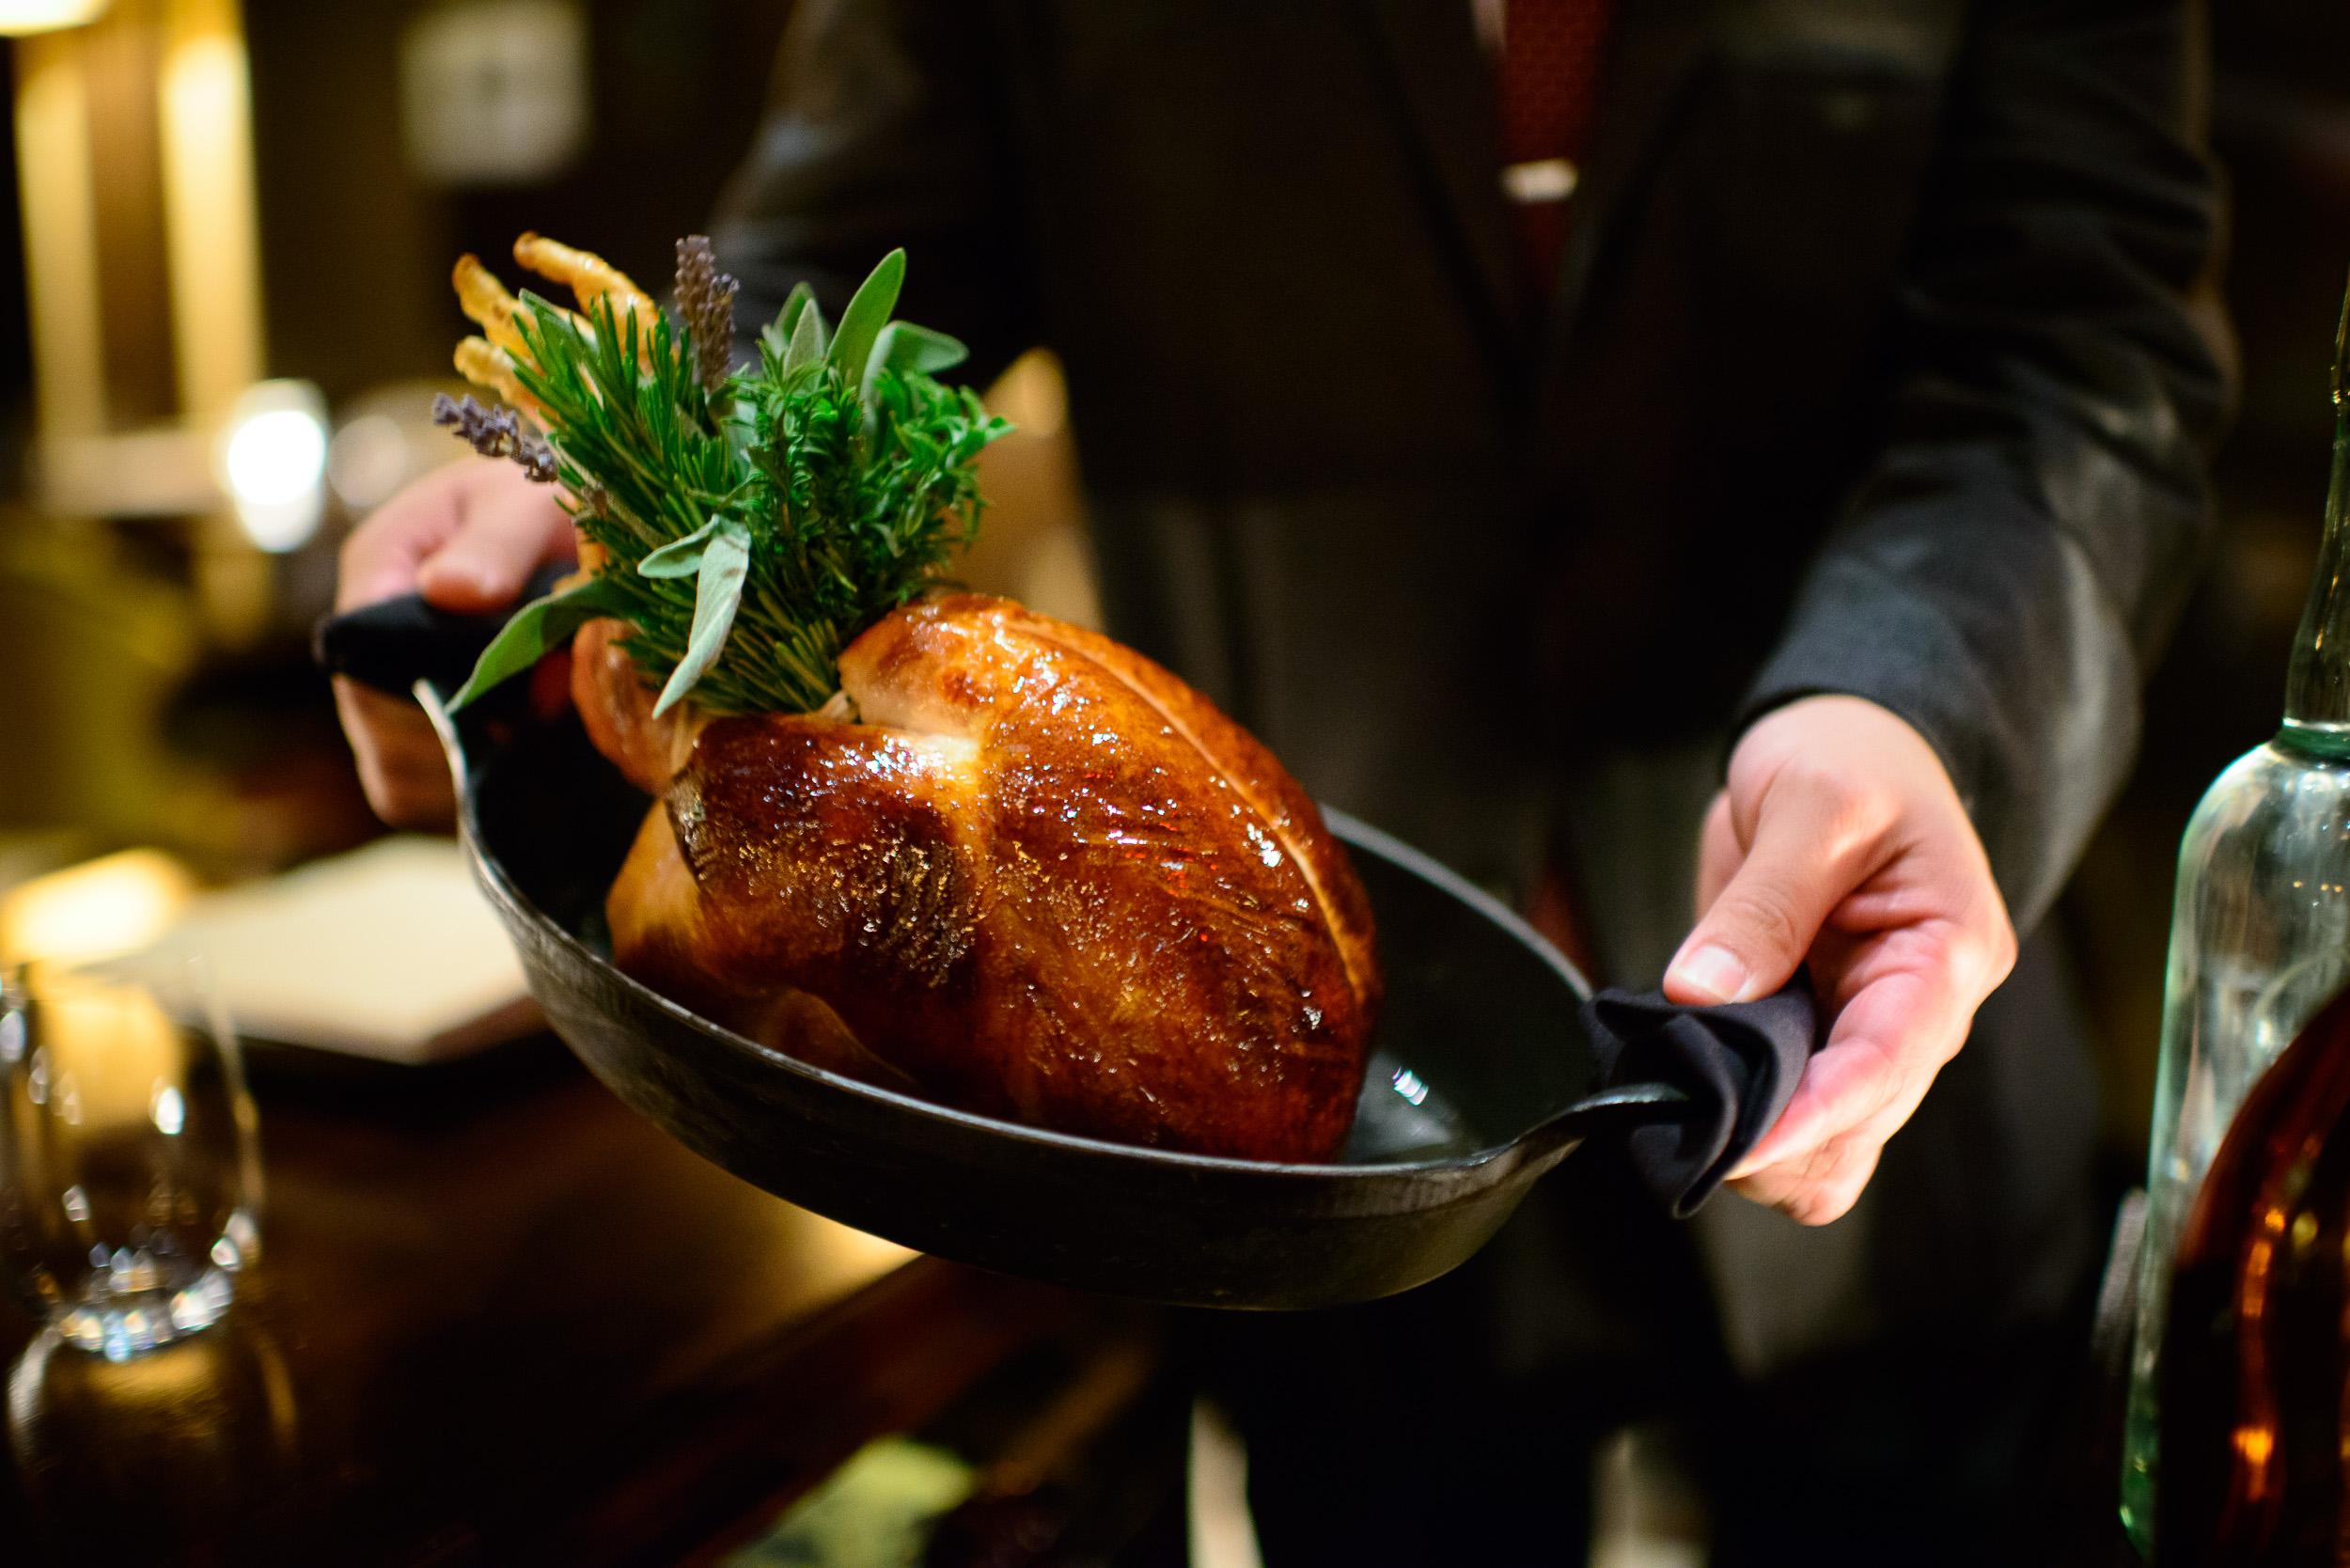 Roast chicken: foie gras, black truffle and brioche ($79)